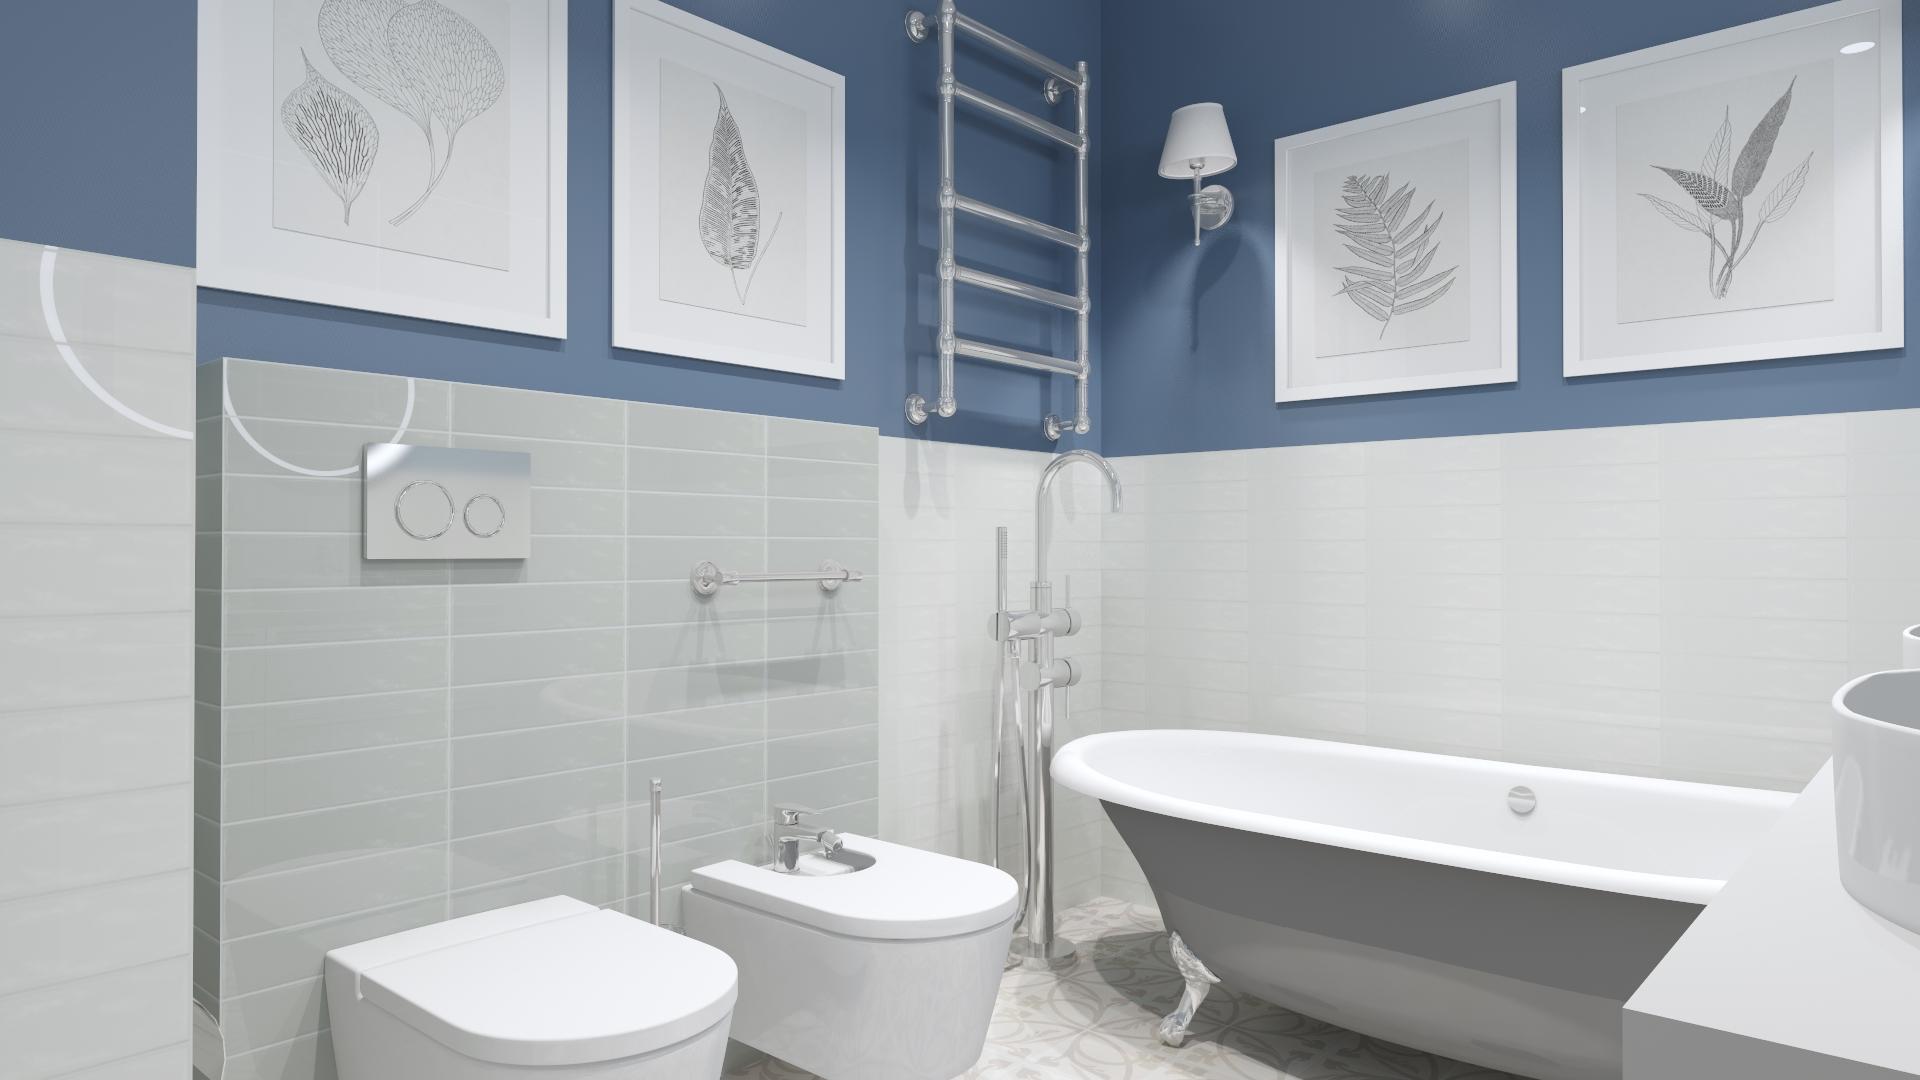 Łazienka w stylu modern classic